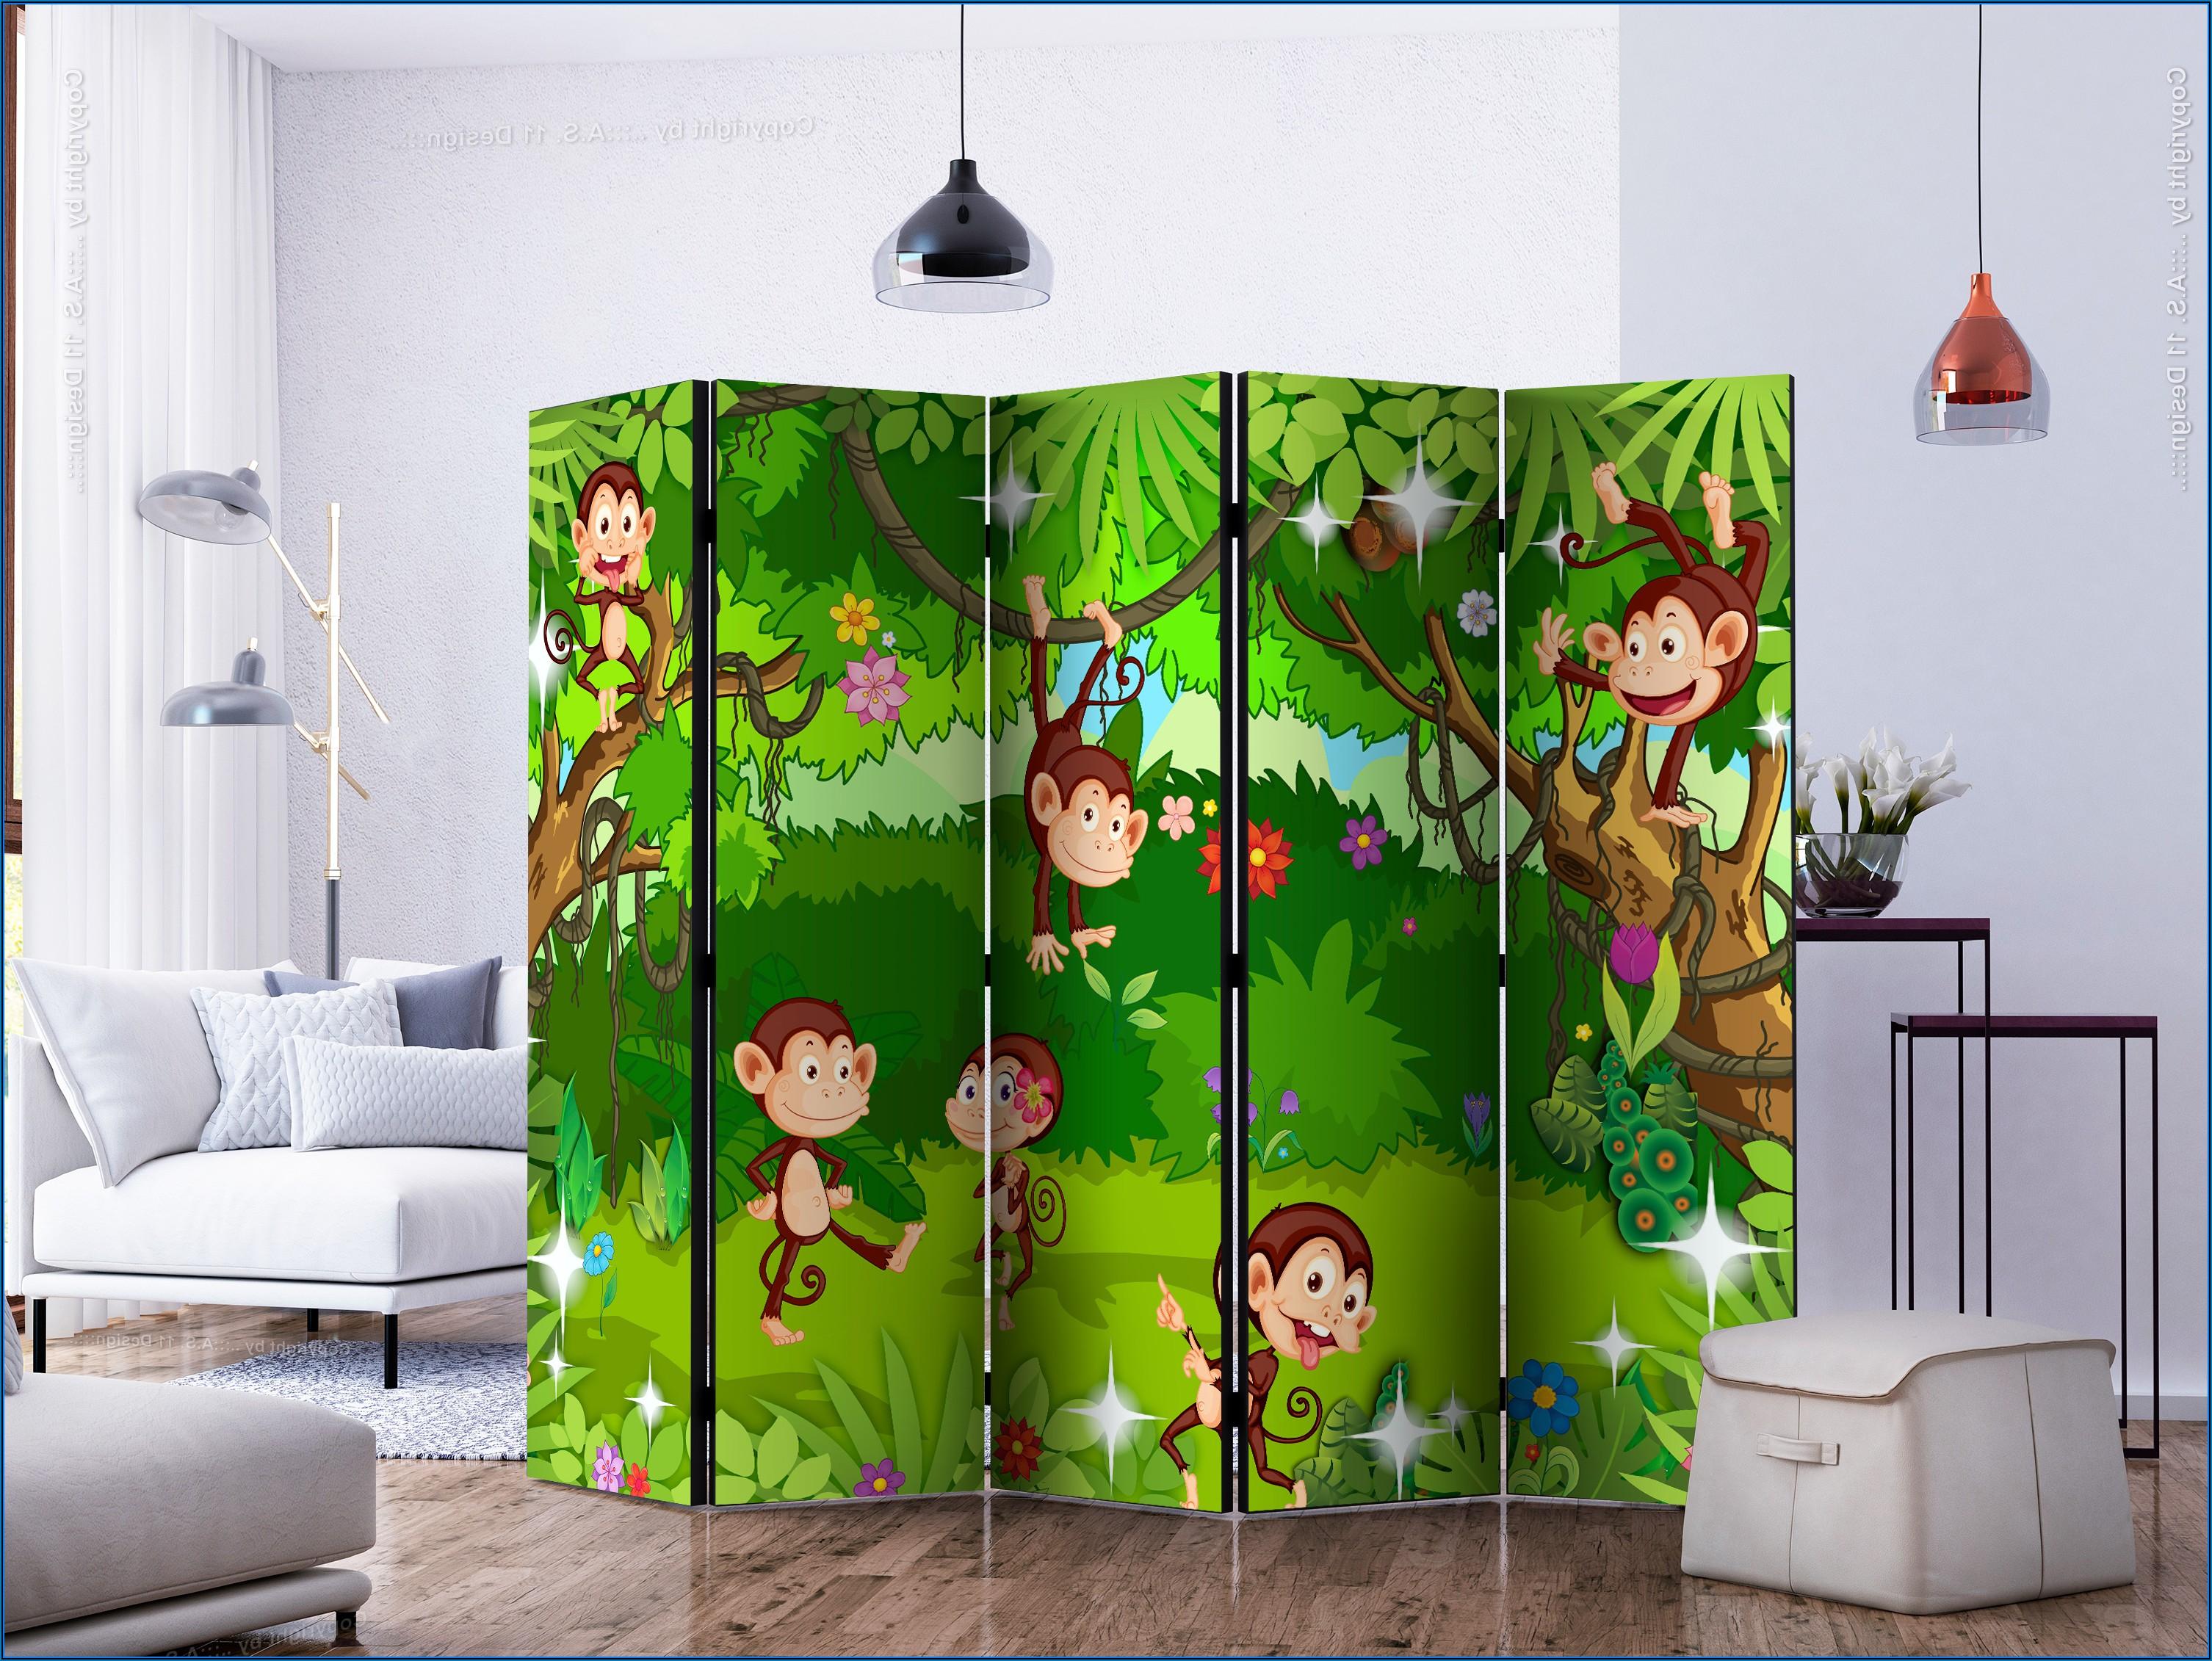 Raumteiler Kinderzimmer 2 Kinder